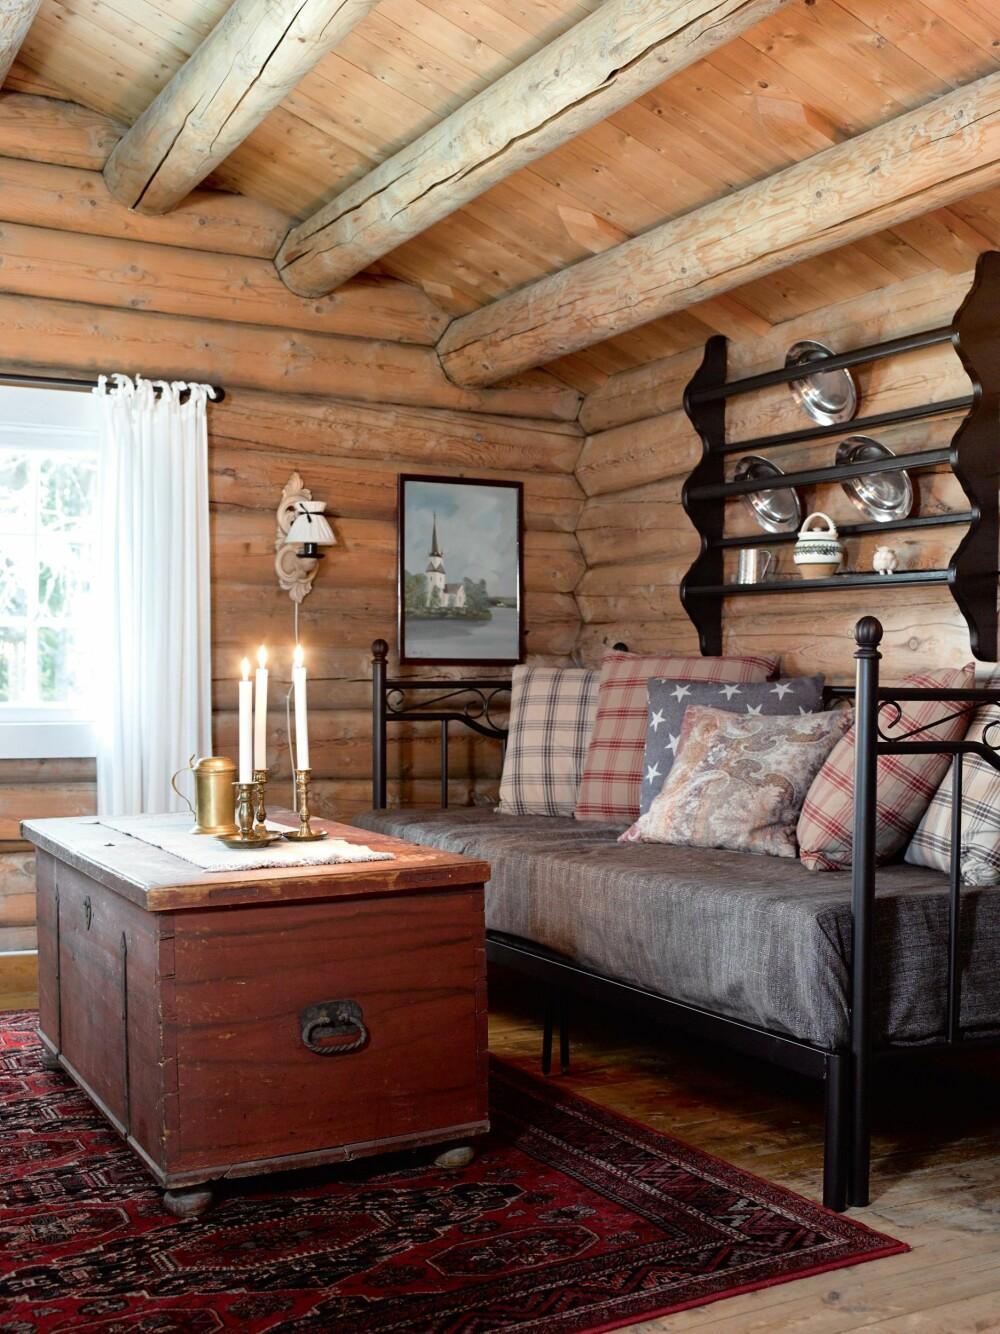 GJESTEHYTTA: Sengen fungerer som sofa på dagtid. Hyllen er laget av Sidsels onkel. Kisten er kjøpt på auksjon. At sengen og hyllen er svart, gir karakter til rommet.